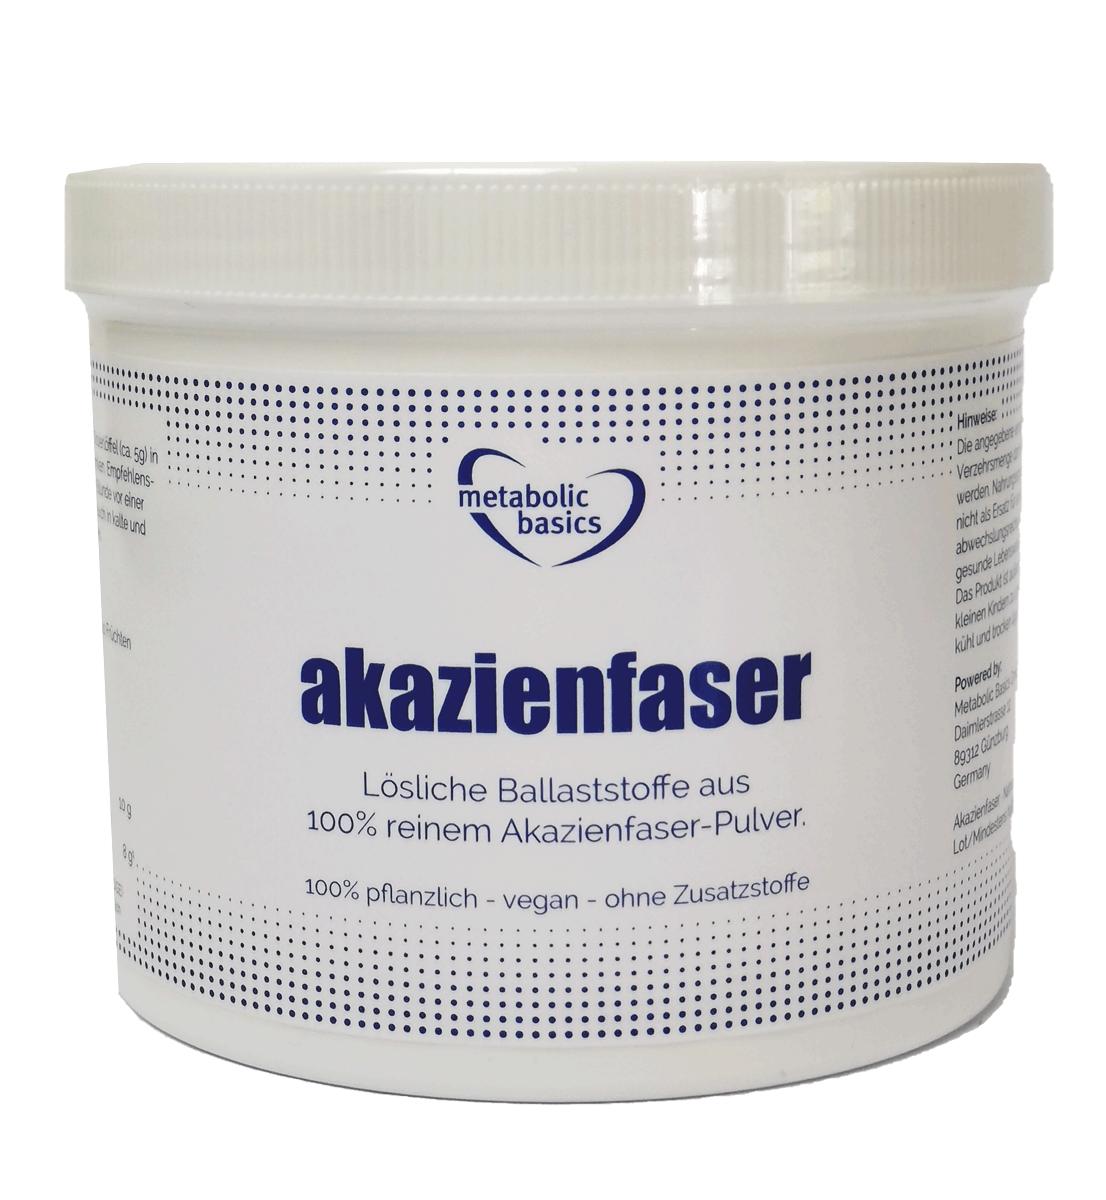 sana d'oro Akazienfaser-Pulver